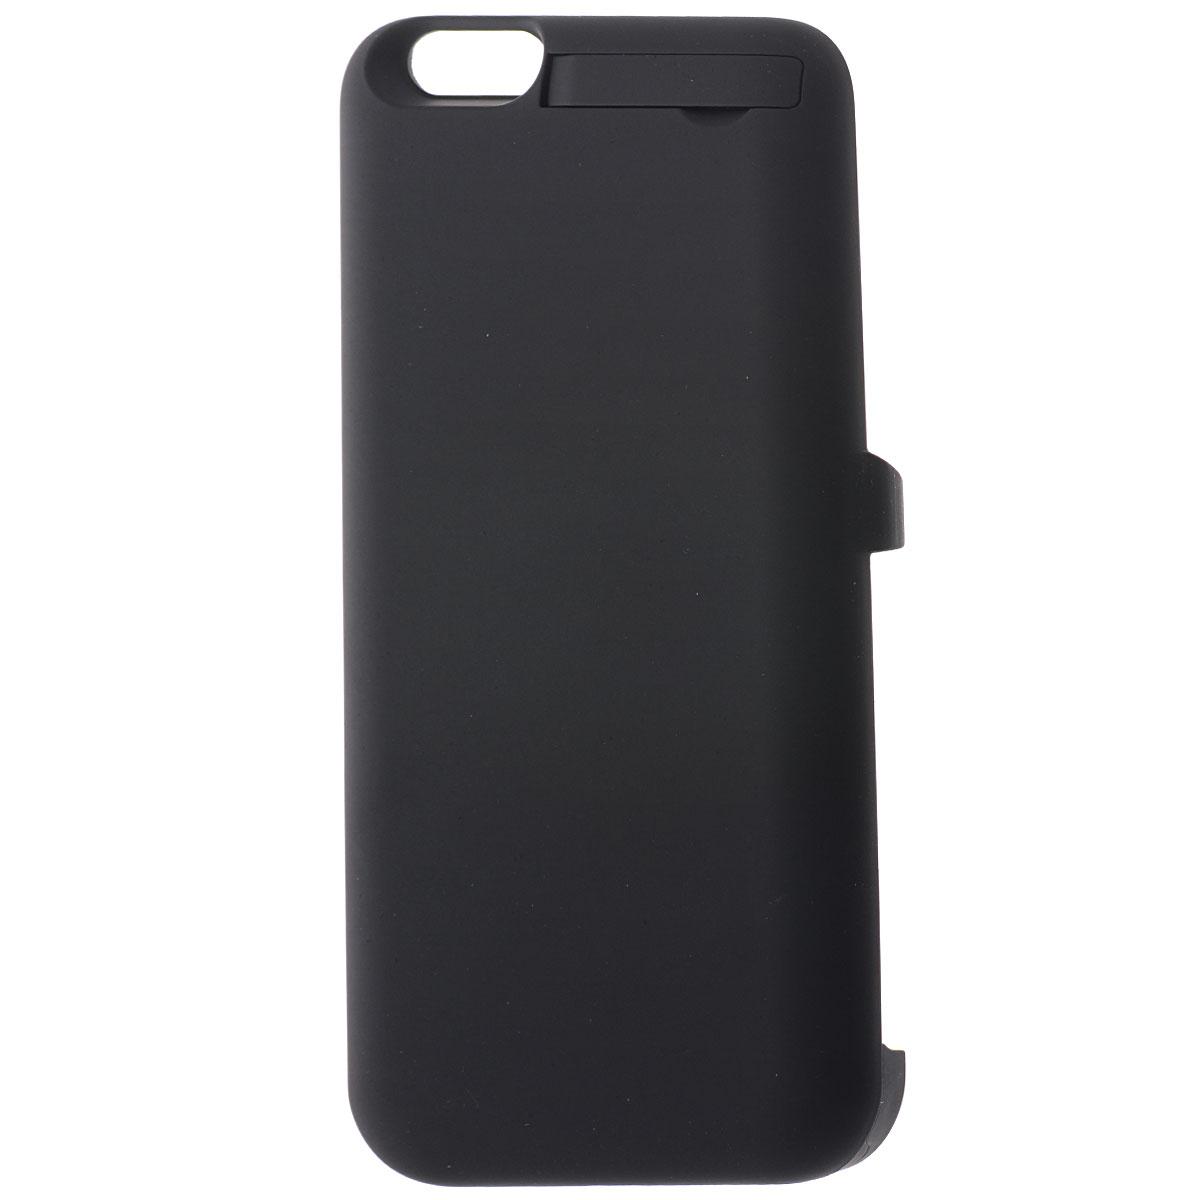 EXEQ HelpinG-iC08 чехол-аккумулятор для iPhone 6, Black (3300 мАч, клип-кейс)HelpinG-iC08 BLЧехол-аккумулятор EXEQ HelpinG-iC08 - это отличное решение для тех, кто не может долго обходиться без смартфона. После долгого использования, как известно, современные телефоны быстро разряжаются. С выходом нового iPhone 6-го поколения, данный стильный портативный аккумулятор просто незаменим. С помощью портативного зарядного устройства вы сможете зарядить свой смартфон абсолютно везде: будь то на улице, в общественном транспорте или в любом другом месте, где рядом не оказалось розетки.Чехол-аккумулятор HelpinG-iC08 заряжает ваш телефон до 100 % и автоматически отключается. Заряда хватает на длительное время. Данное зарядное устройство обладает 4-мя индикаторами состояния заряда батареи. Аккумулятор очень легкий, Вам нет необходимости брать с собой зарядные устройства с проводом, которые путаются в сумке. Такой аккумулятор можно использовать несколько дней!Это устройство такое компактное, что поместится в вашем кармане, либо в сумке. Такой чехол-аккумулятор обеспечит надежную защиту вашему телефону от ударов и царапин.